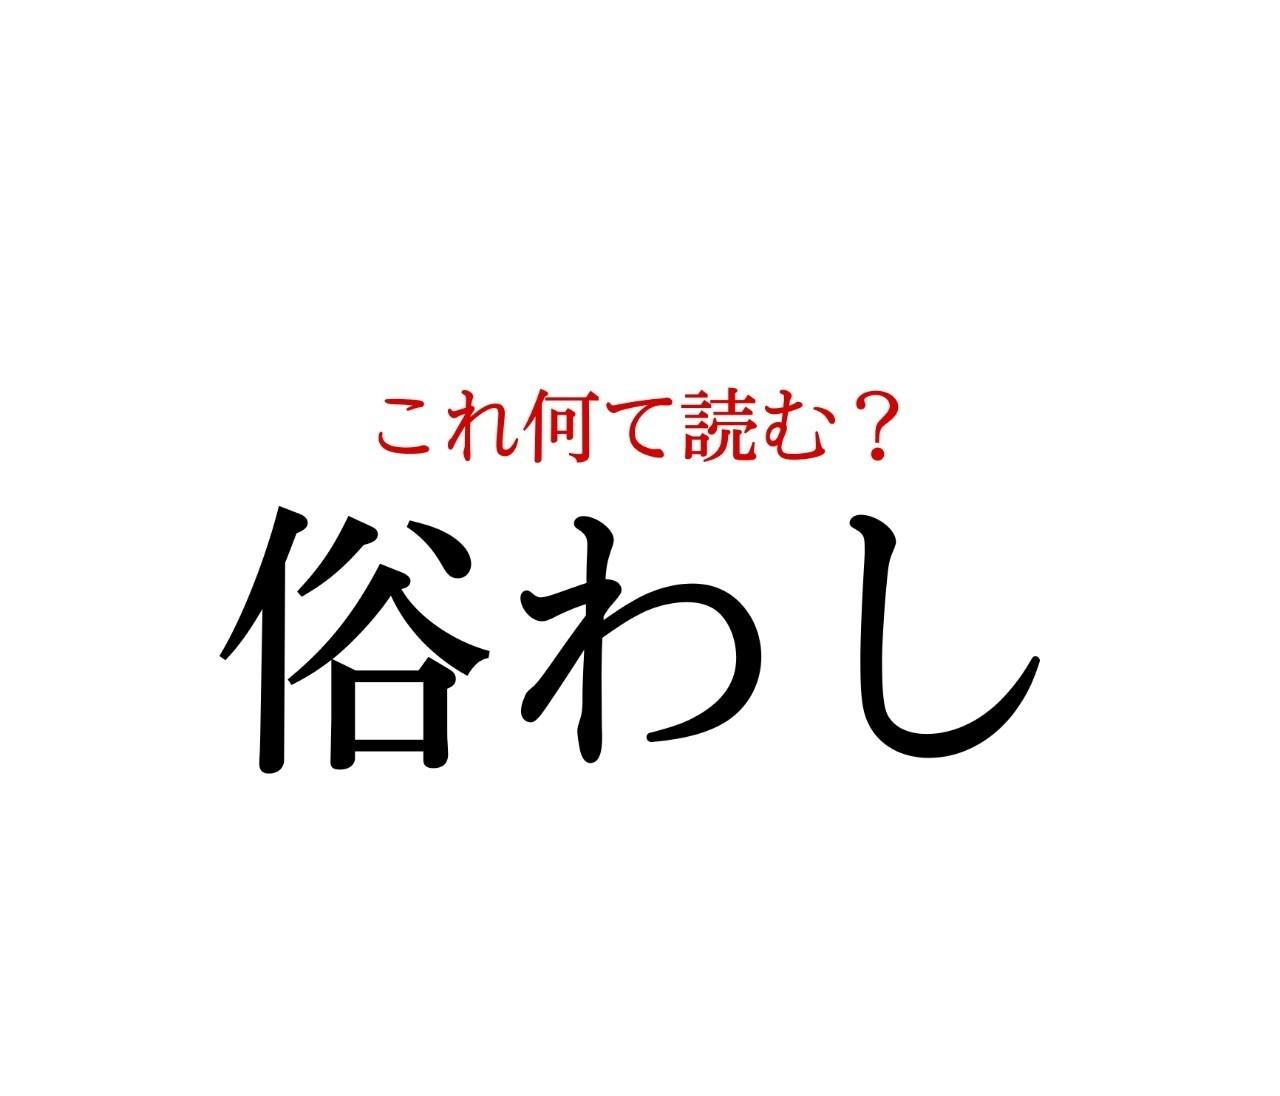 「俗わし」:この漢字、自信を持って読めますか?【働く大人の漢字クイズvol.247】